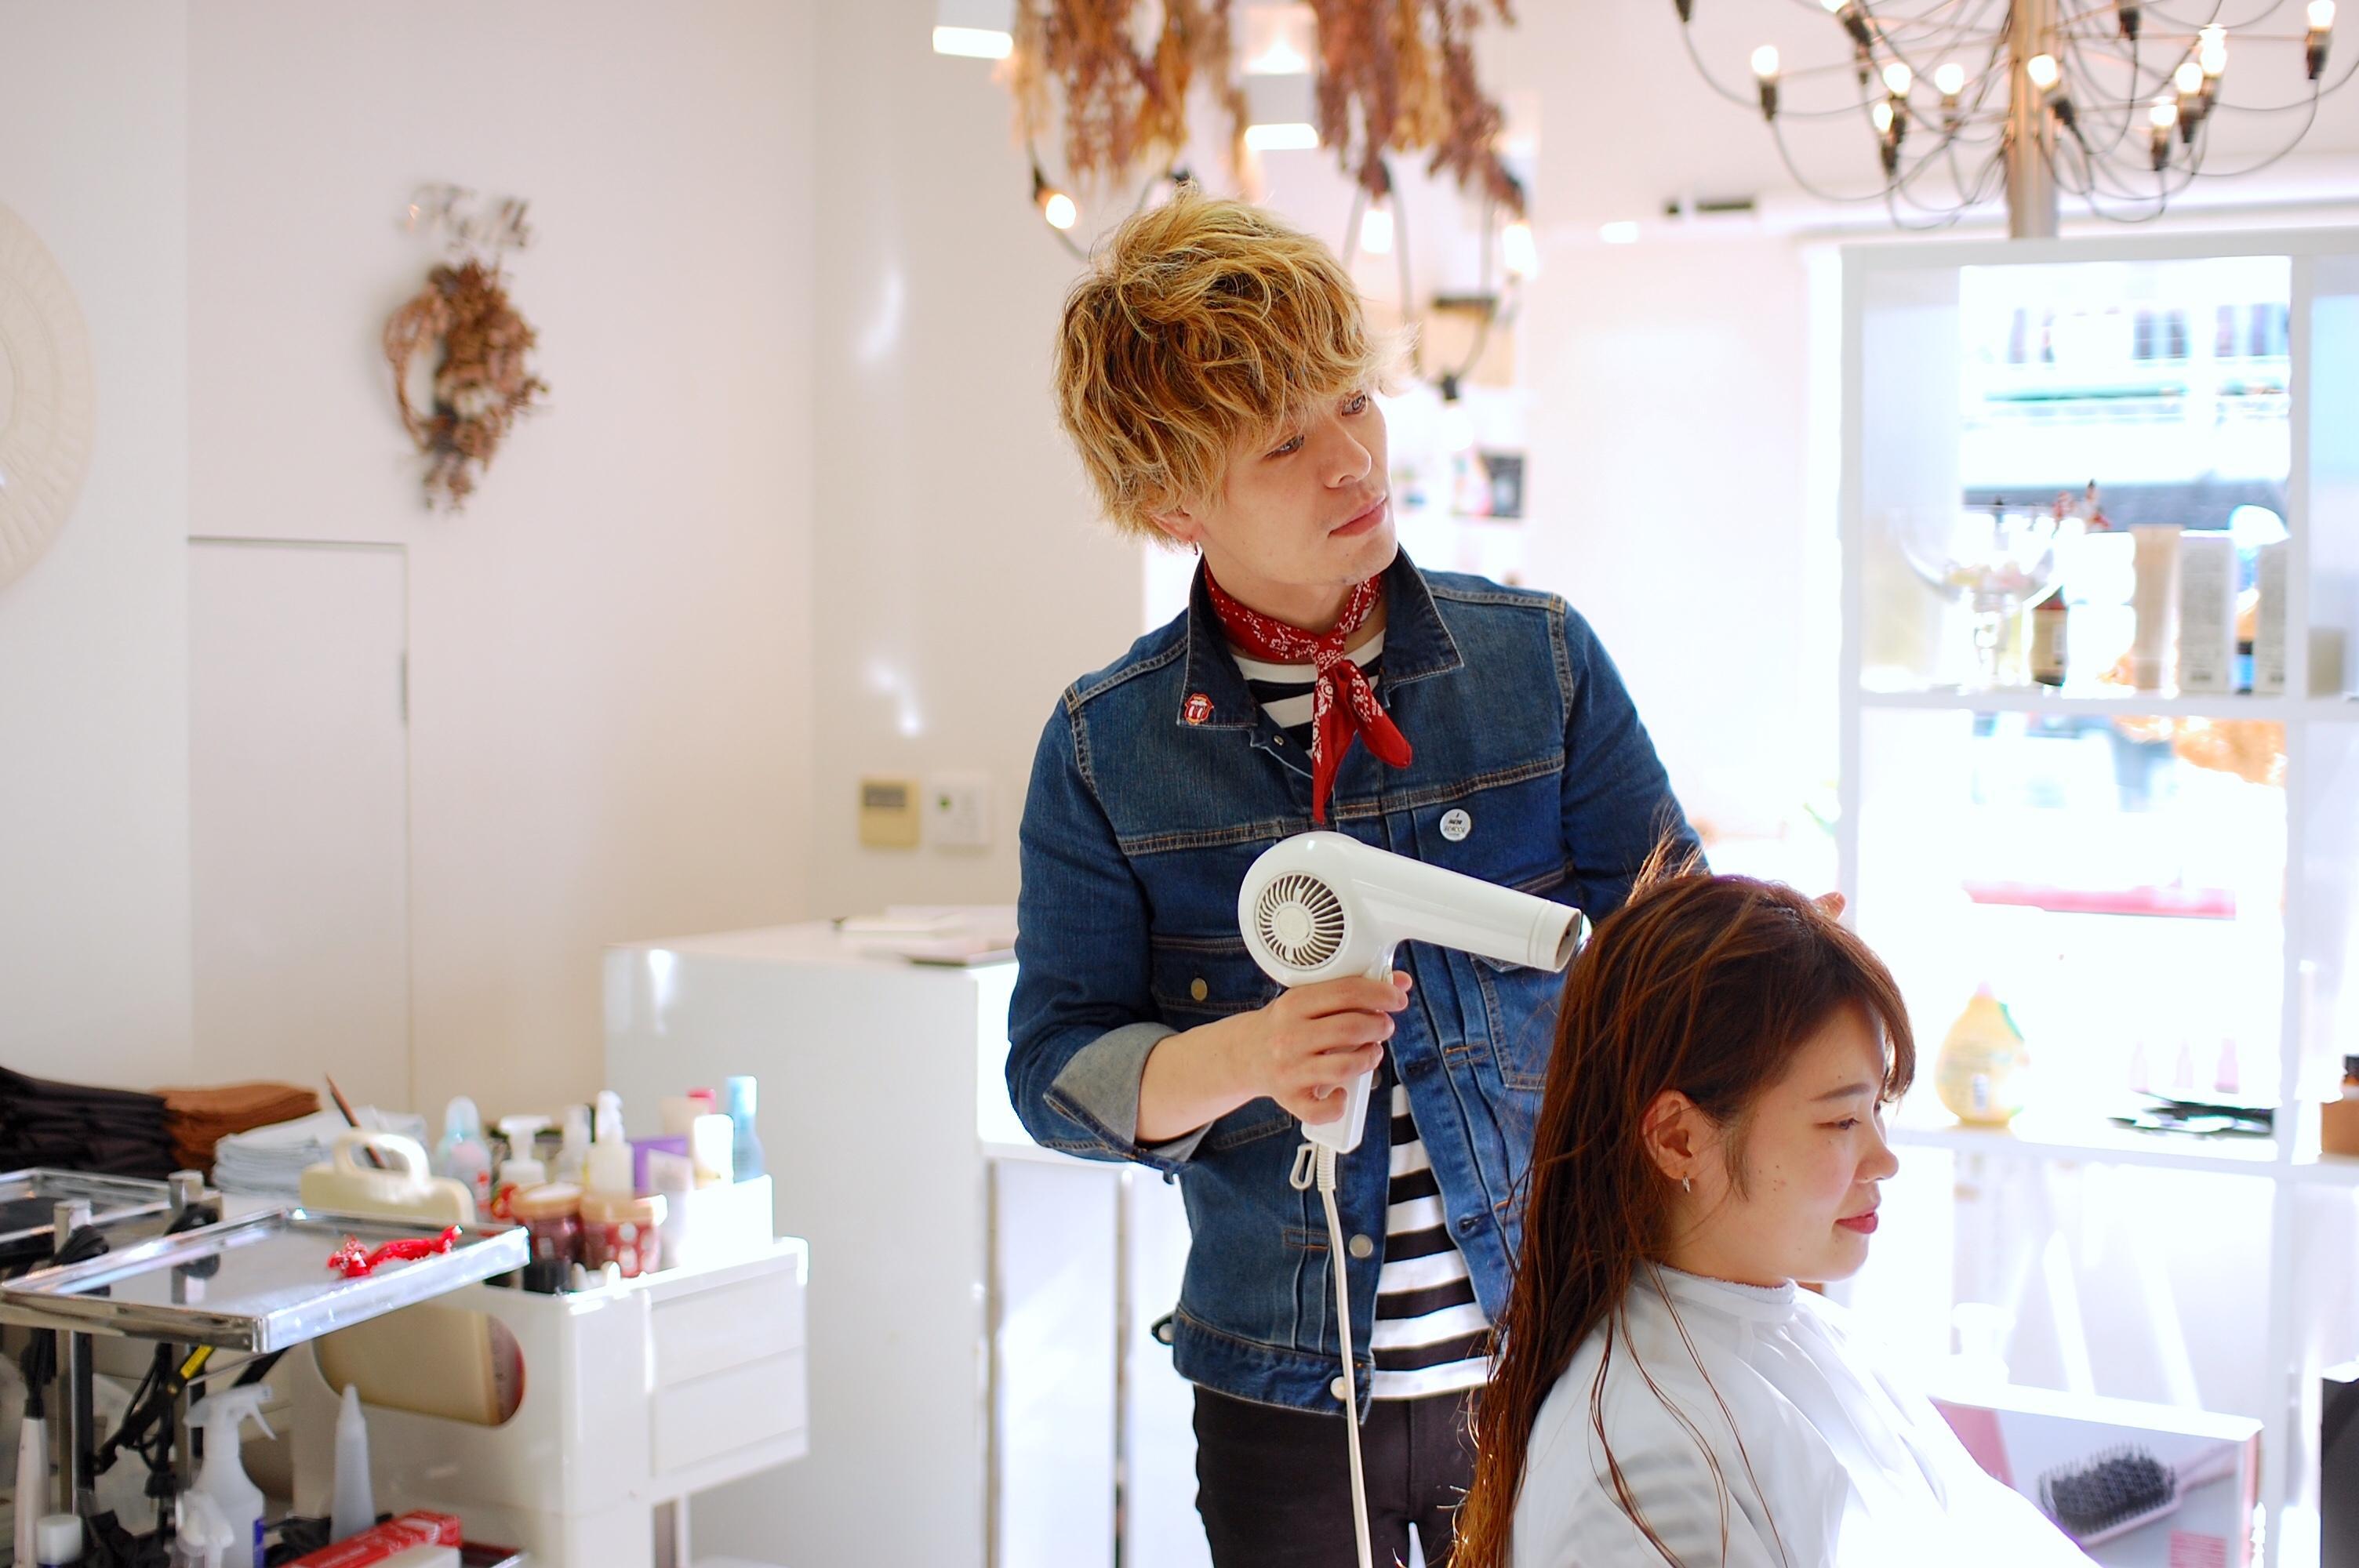 髪色や服装は自由です。あなたの好きな、あなたらしさが伝わるスタイルでお仕事をしてください!